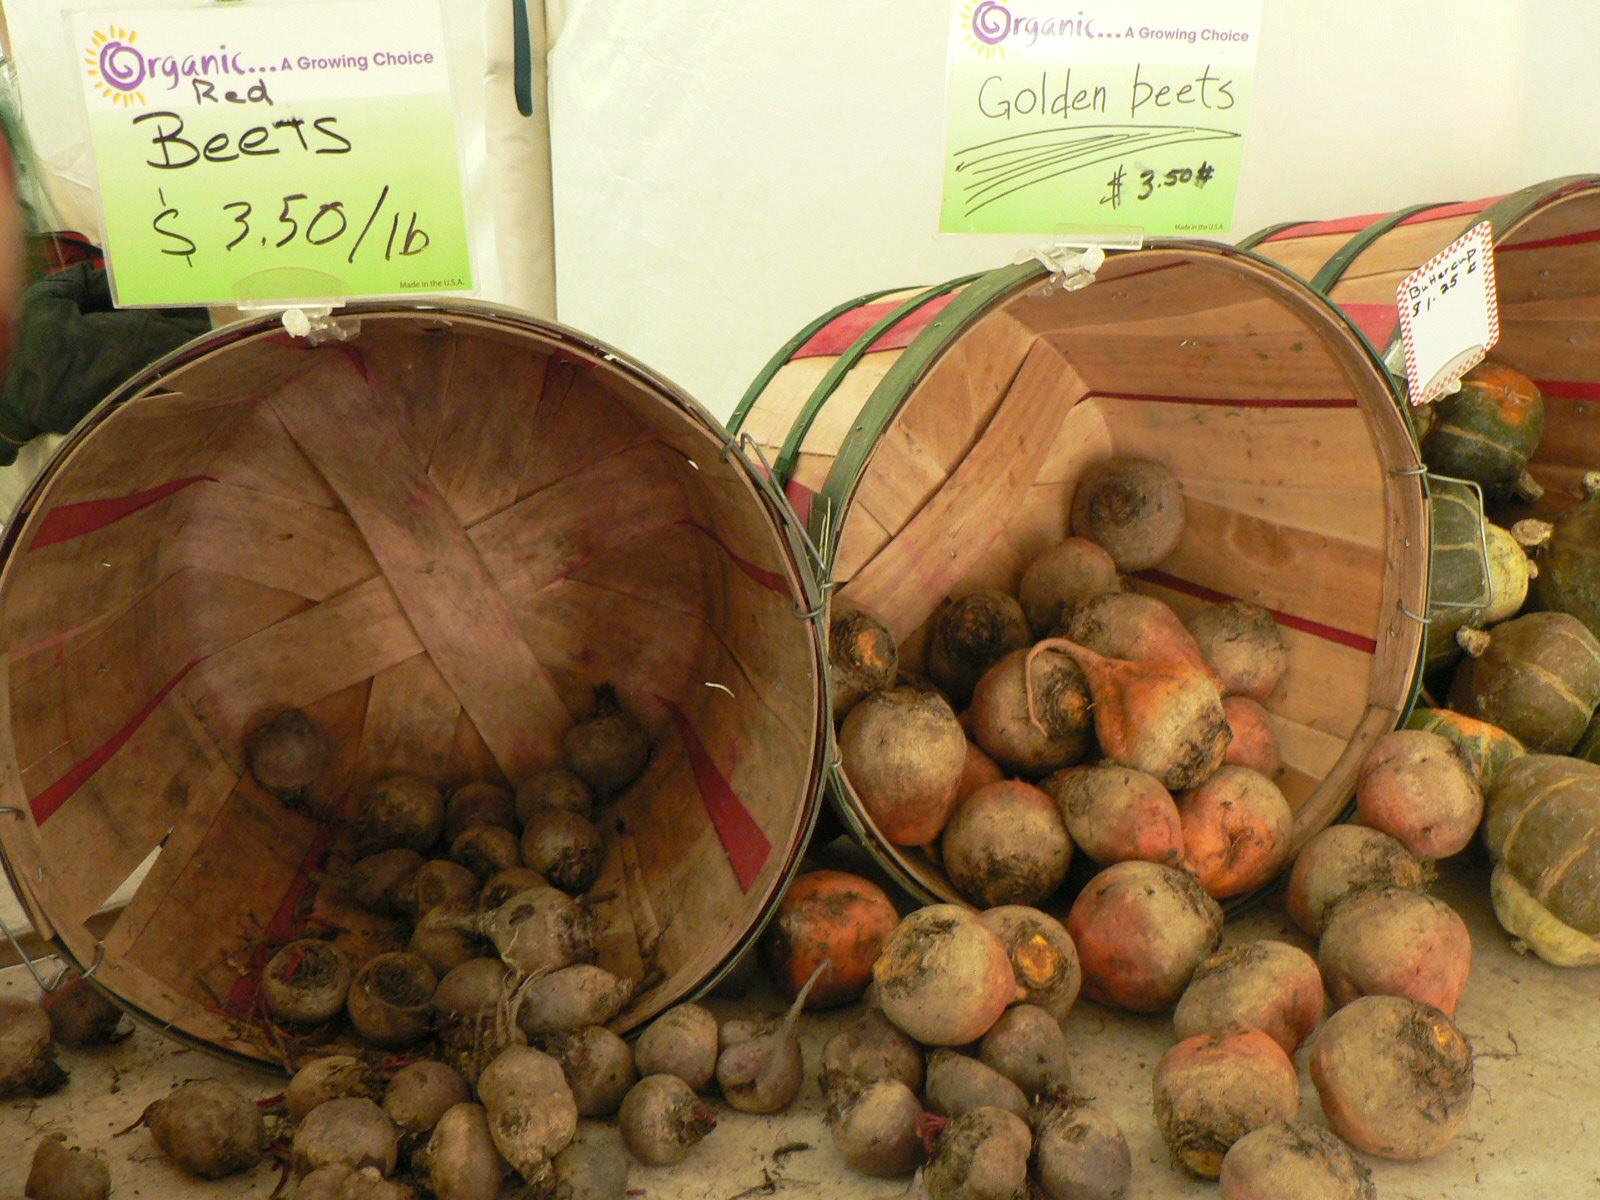 Fresh Beets at Green City Market